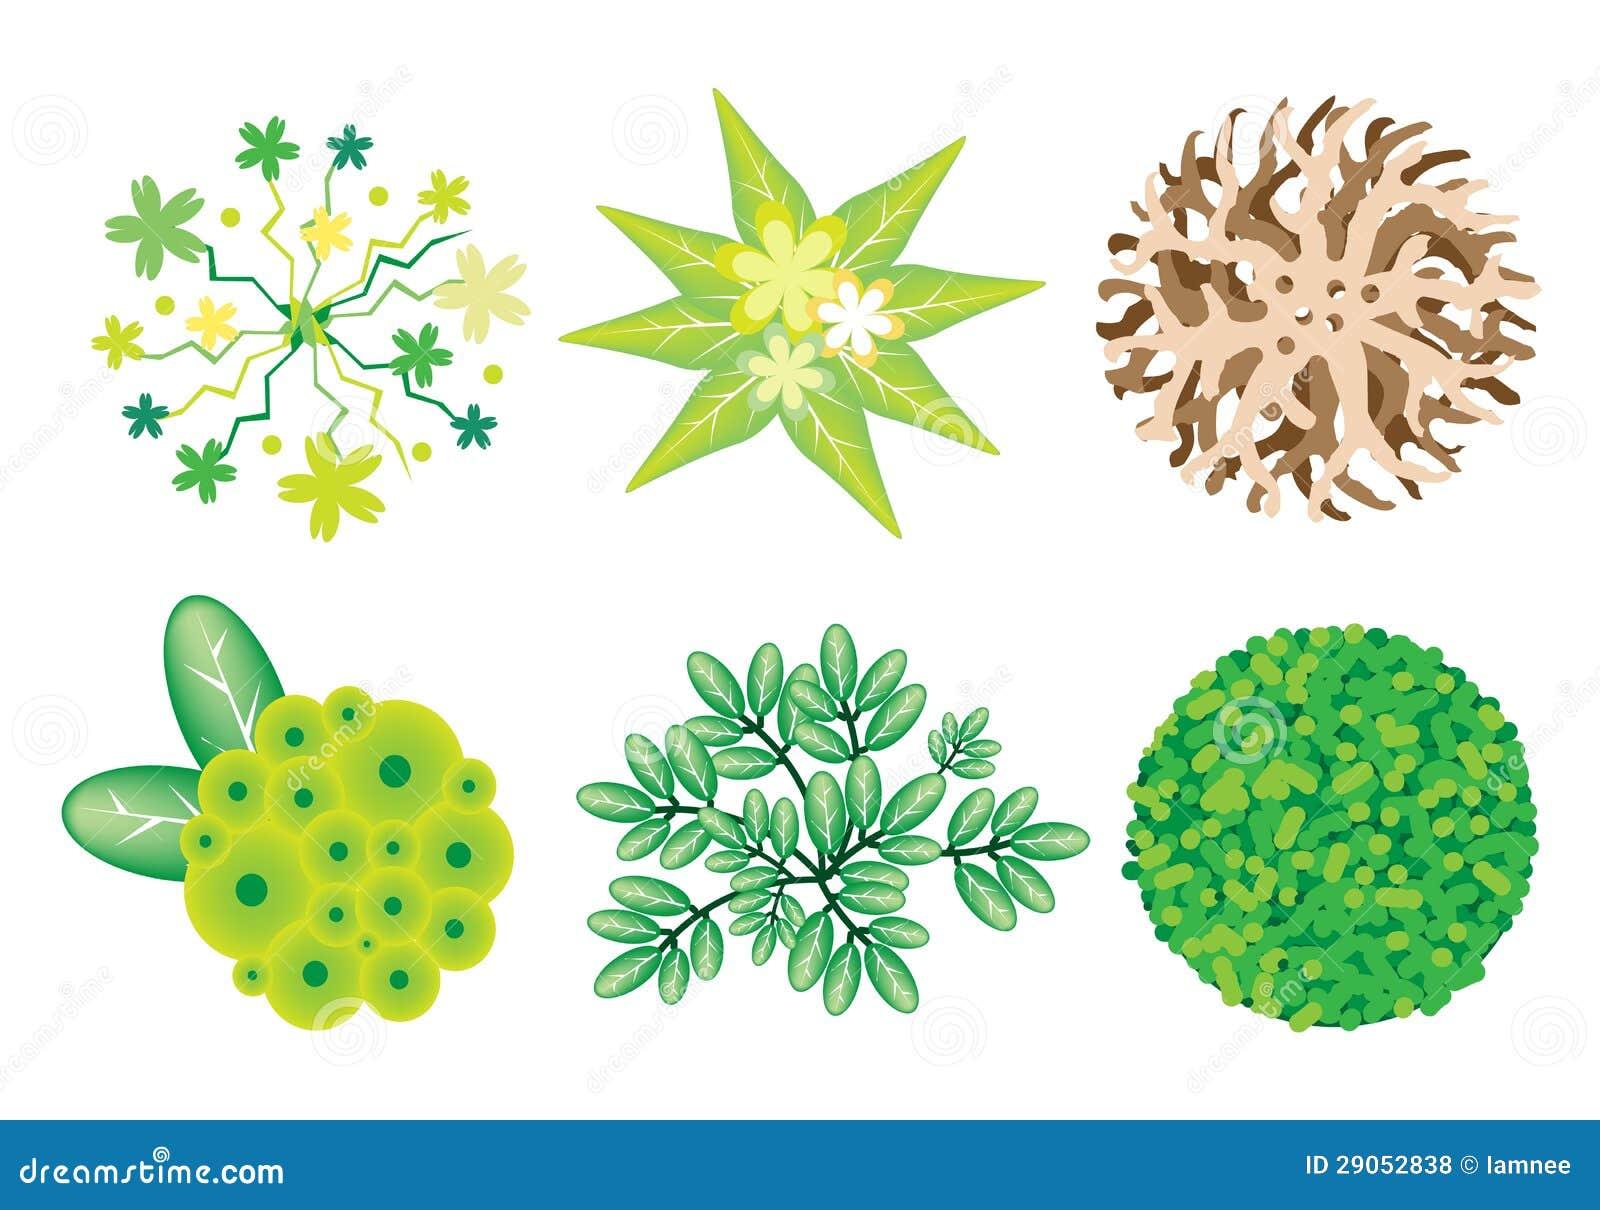 Immagini Di Piante E Alberi un insieme isometrico degli alberi e delle piante